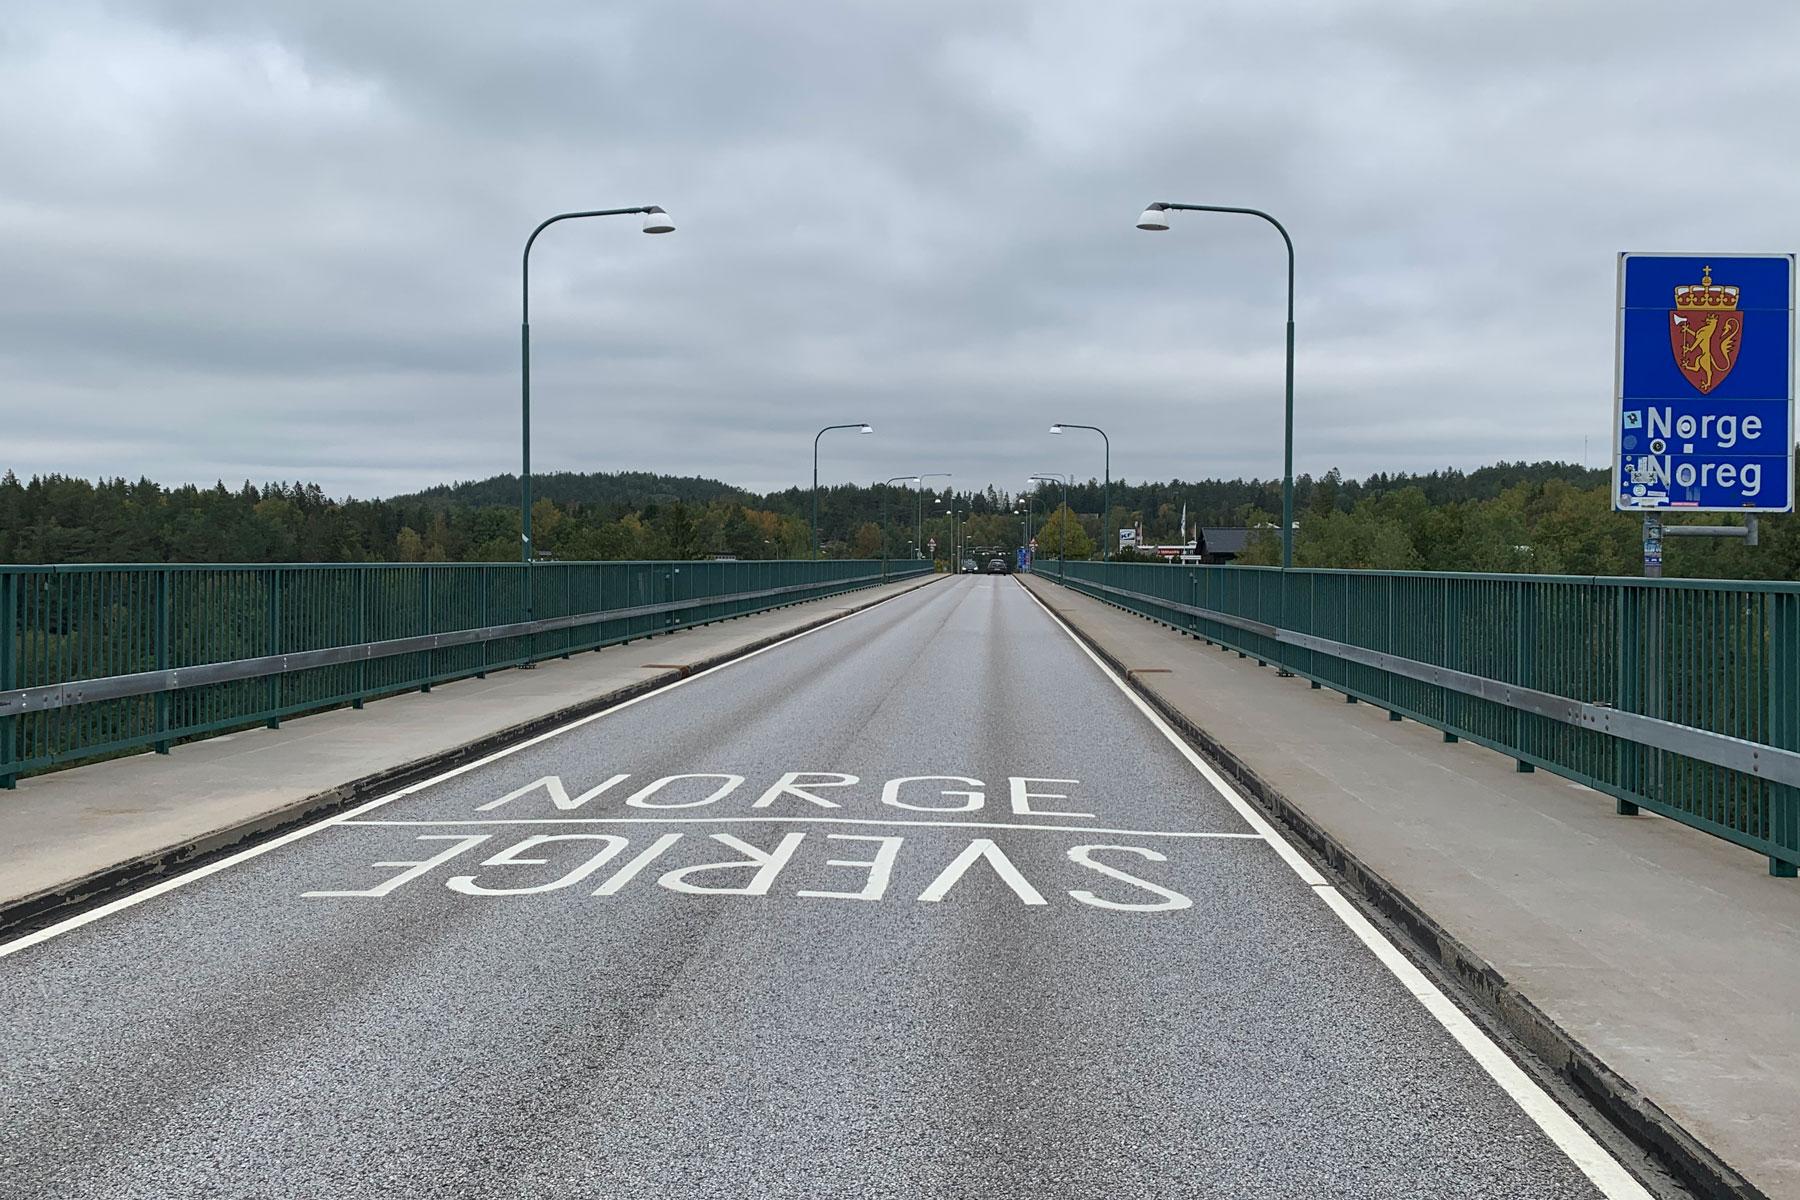 Norsk karantän nu för alla svenskar